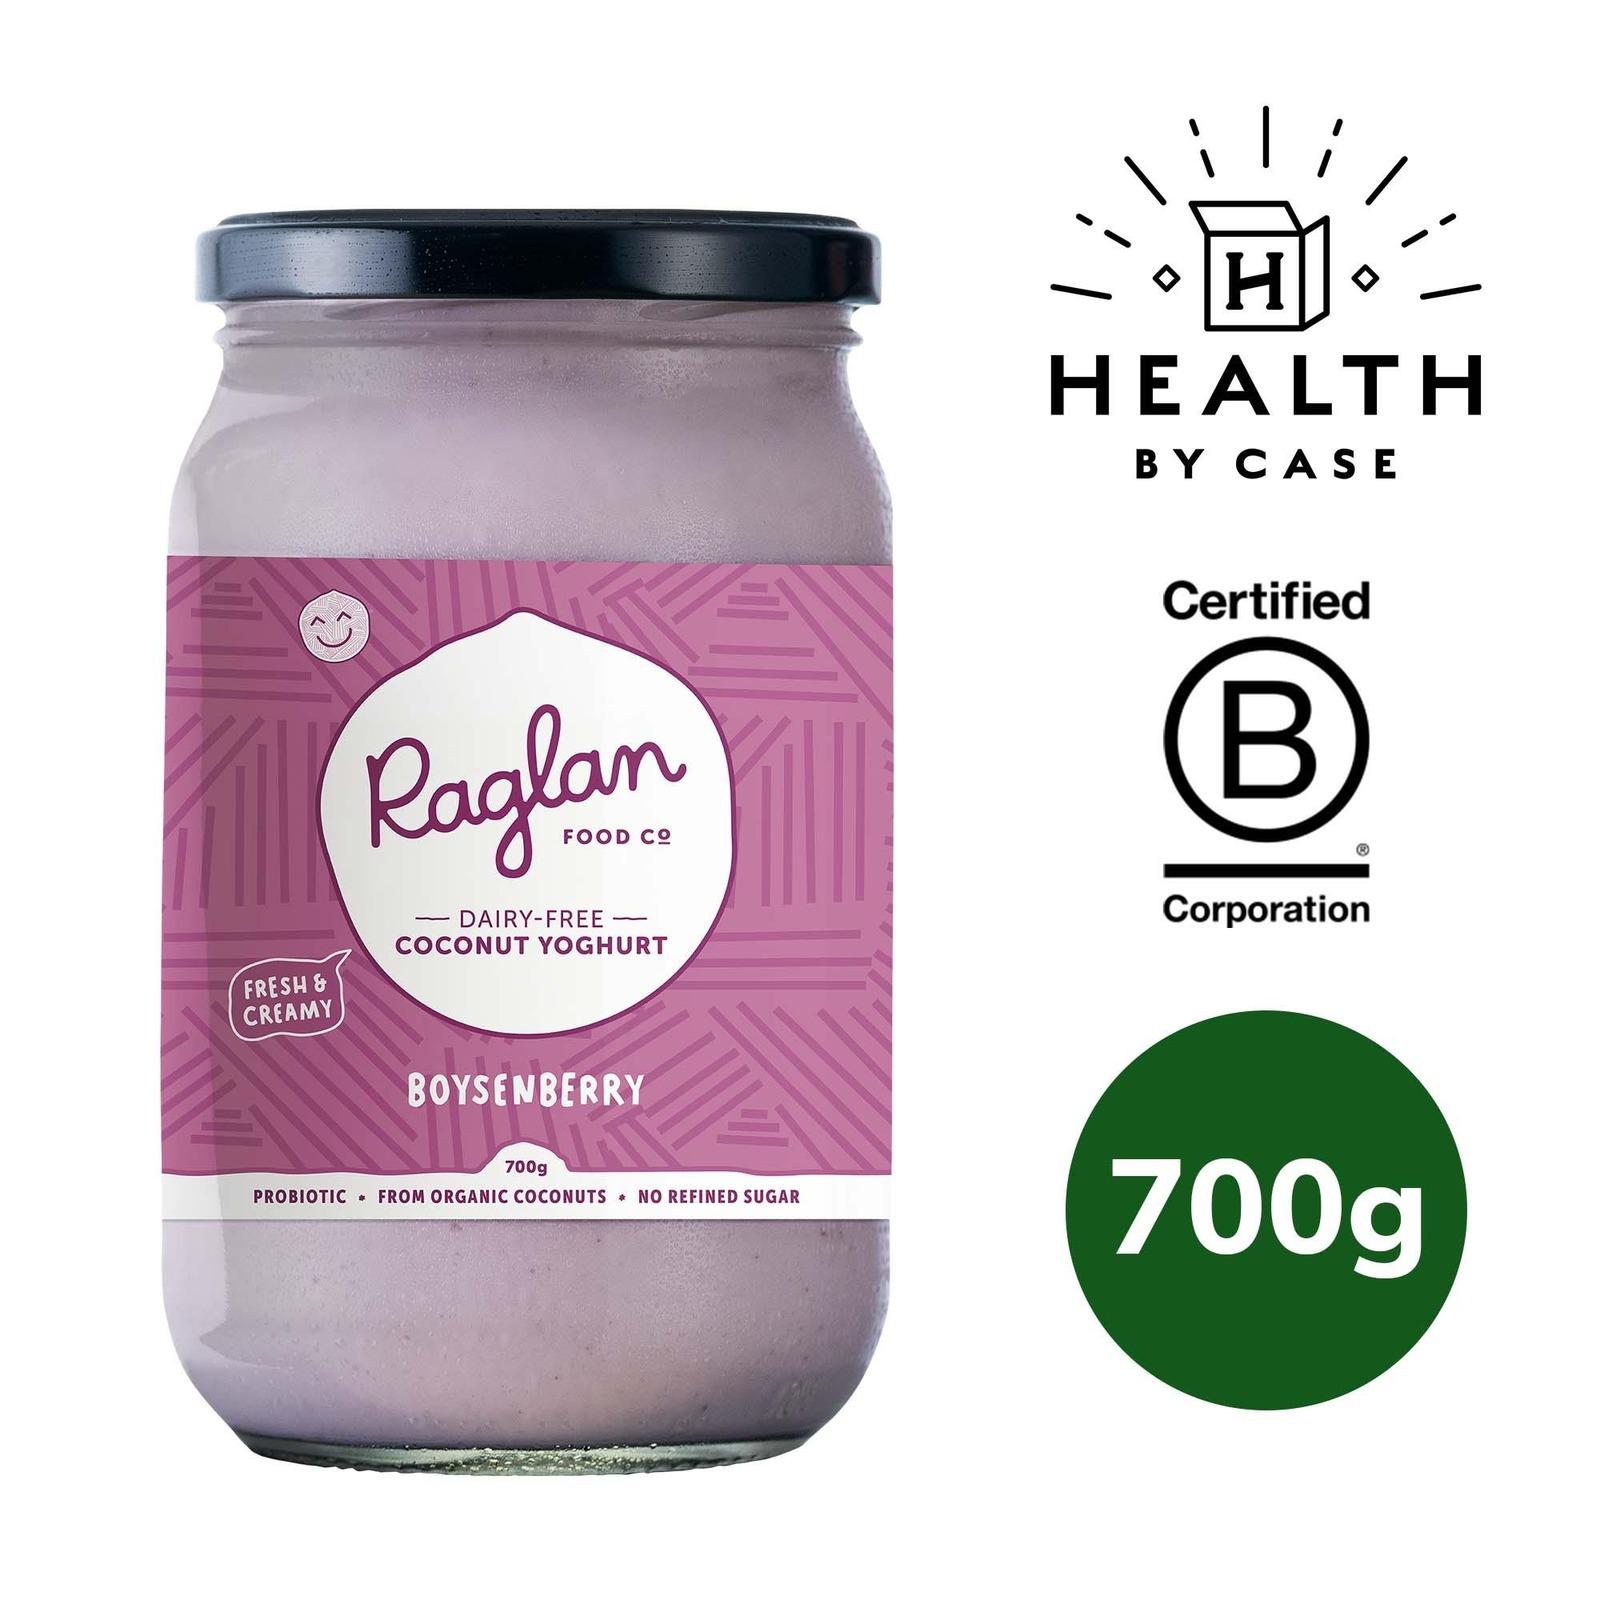 Raglan Food Company Coconut Yoghurt - Boysenberry